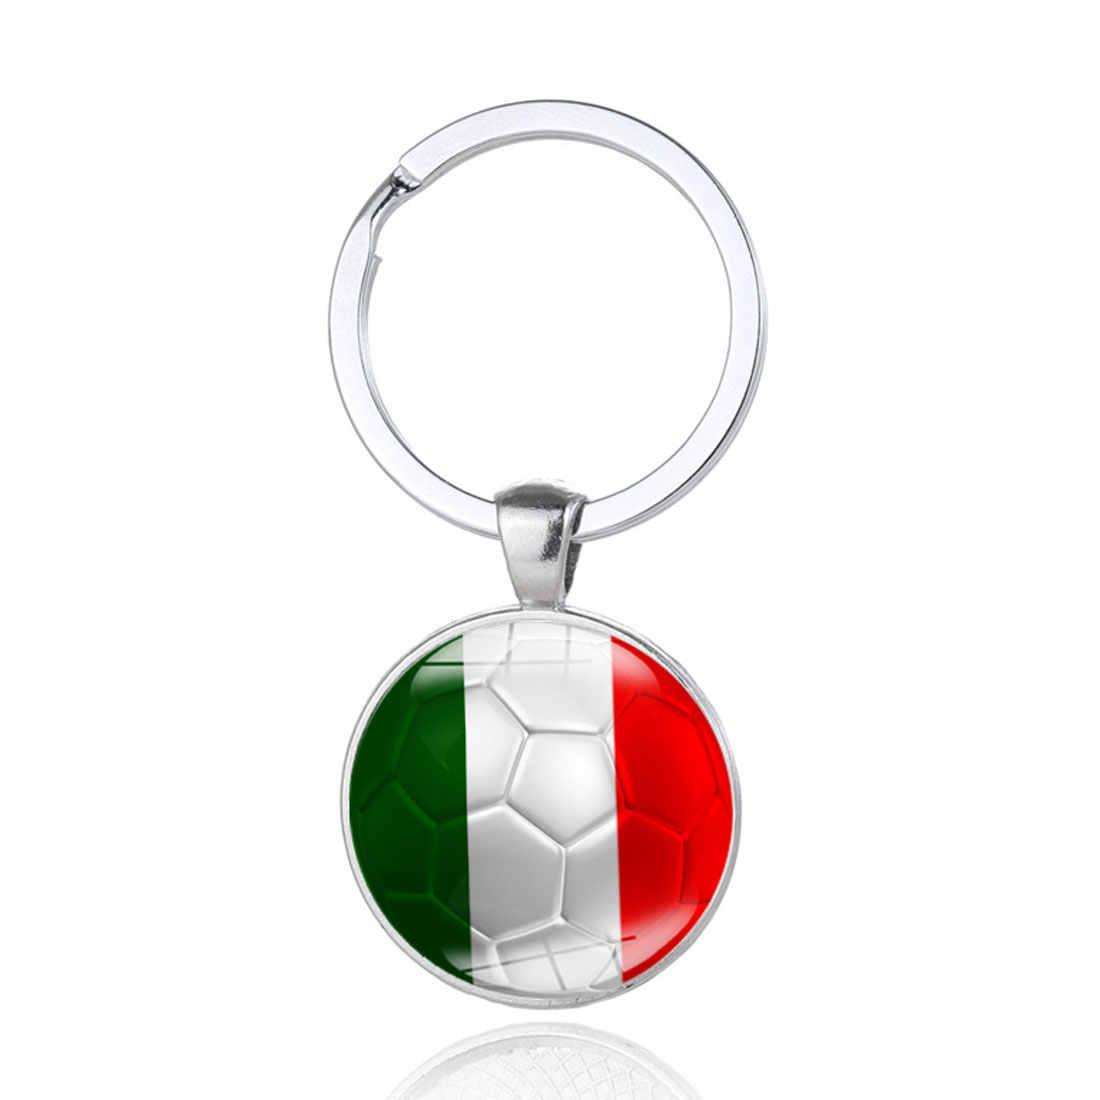 Llaveros de fútbol llaveros 32 países Peru Suecia Tunisia seneña llaveros recuerdo